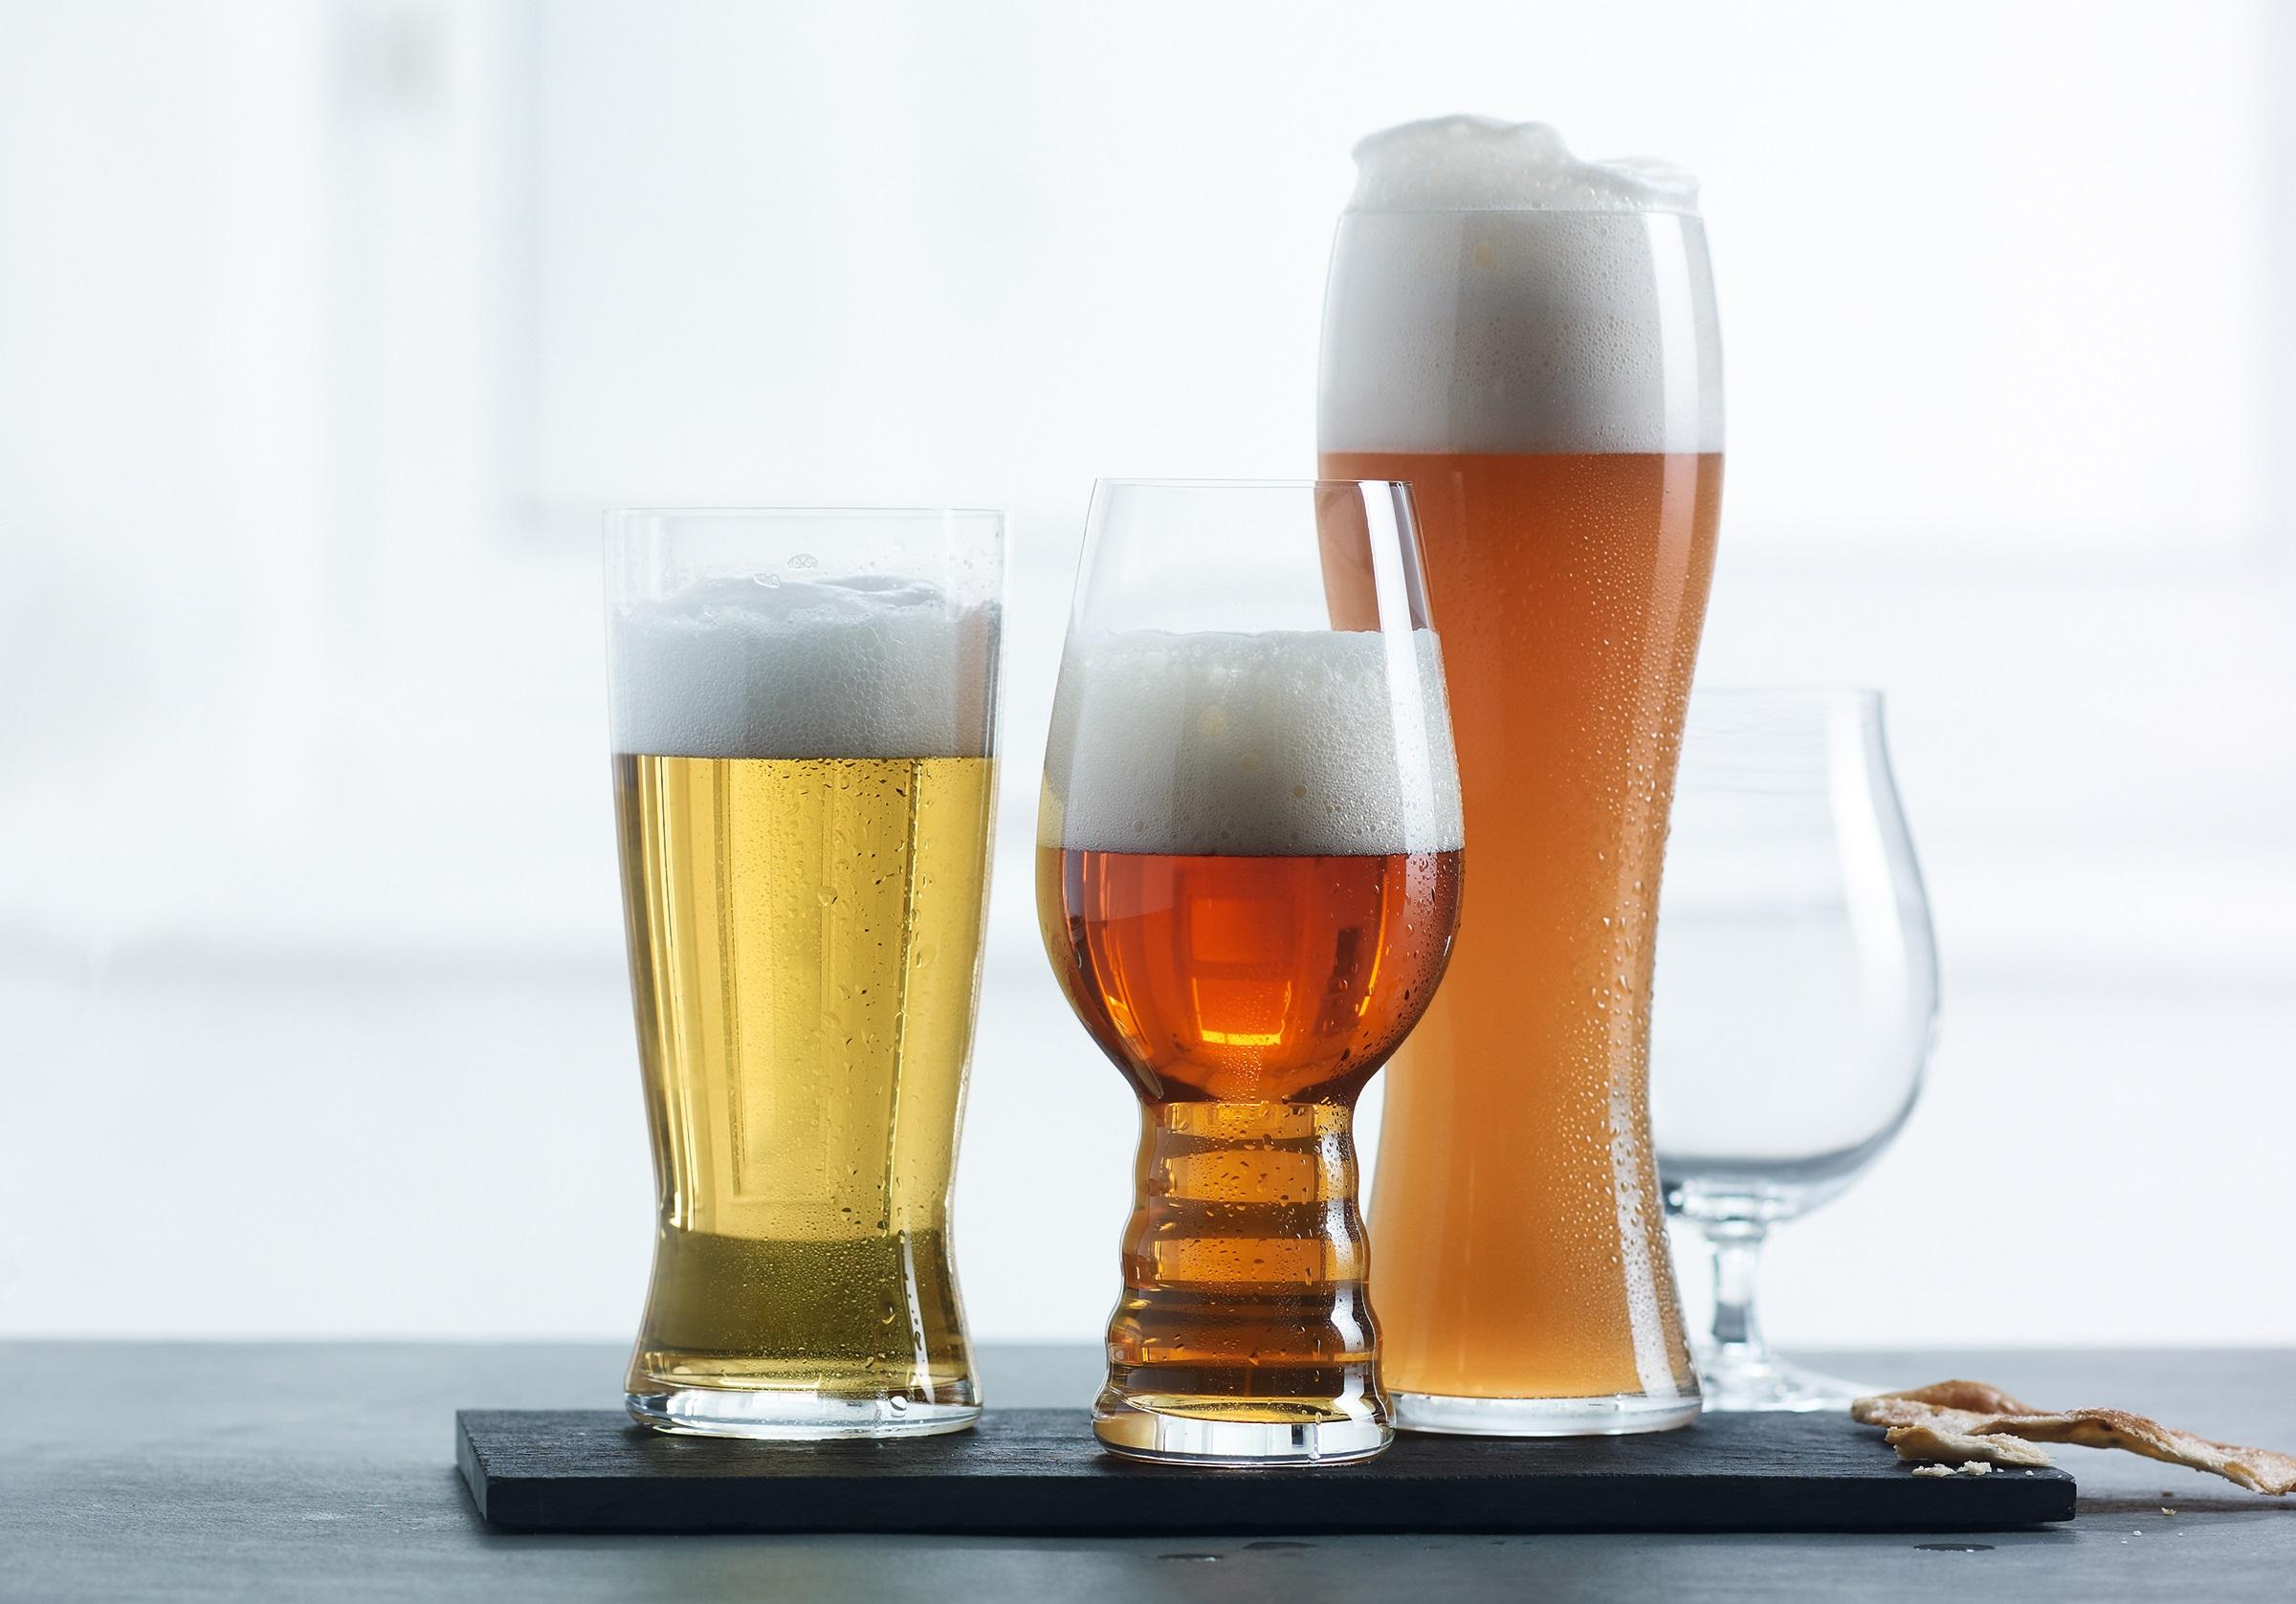 【ビール好き必見!】プロが教える、普段のビールがもっとおいしくなる専用グラス5選